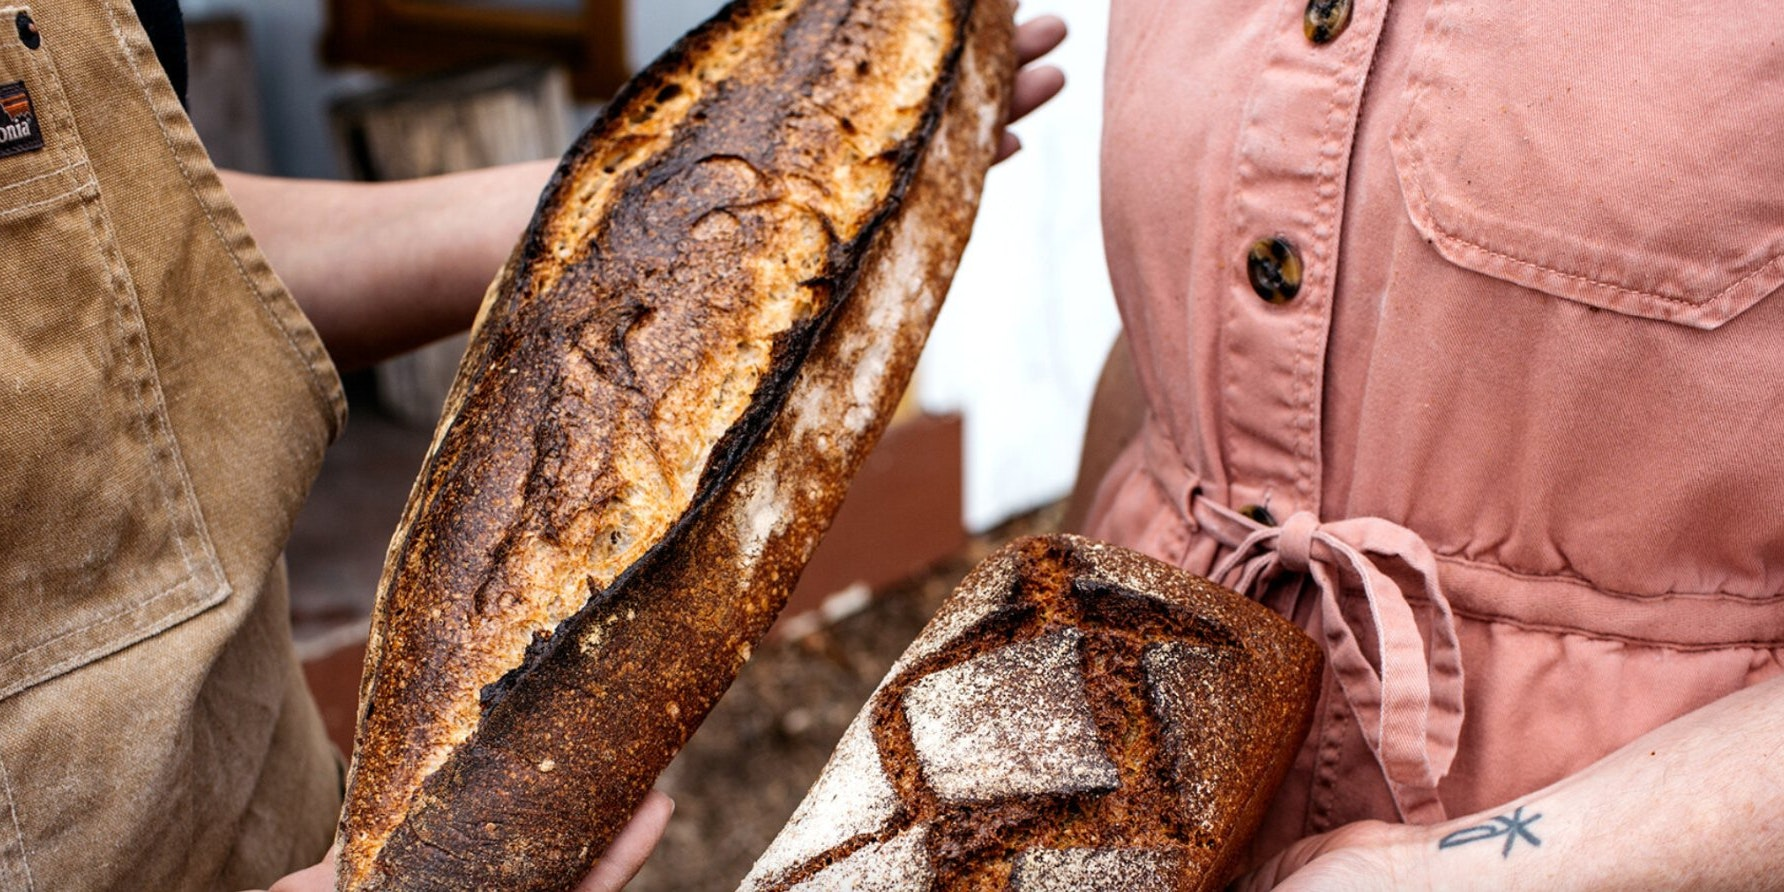 Moxie Bread Company